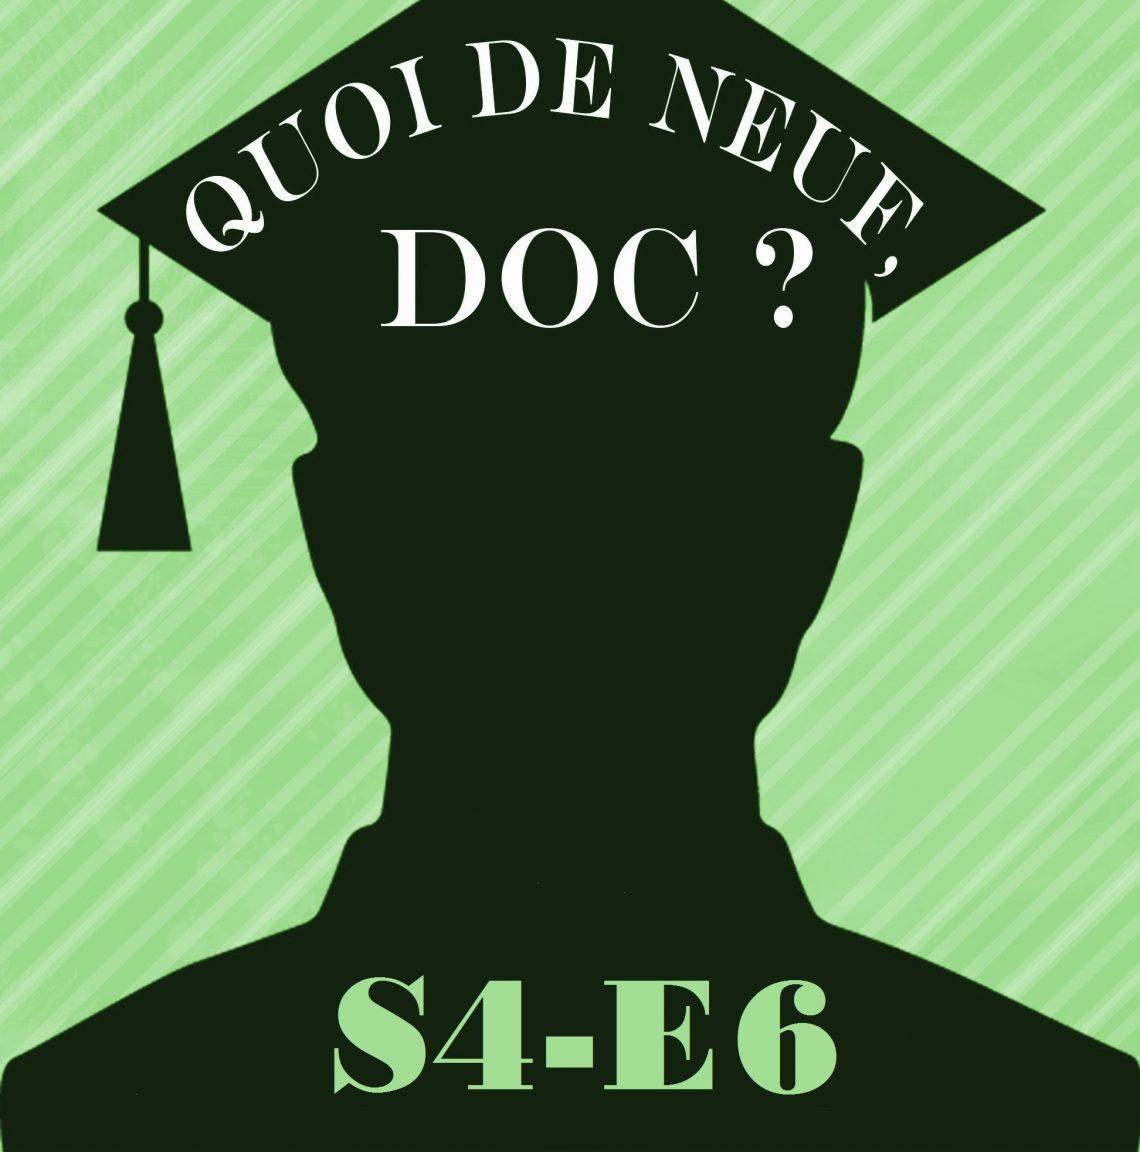 QDND S4E6 émission du 7 Mars